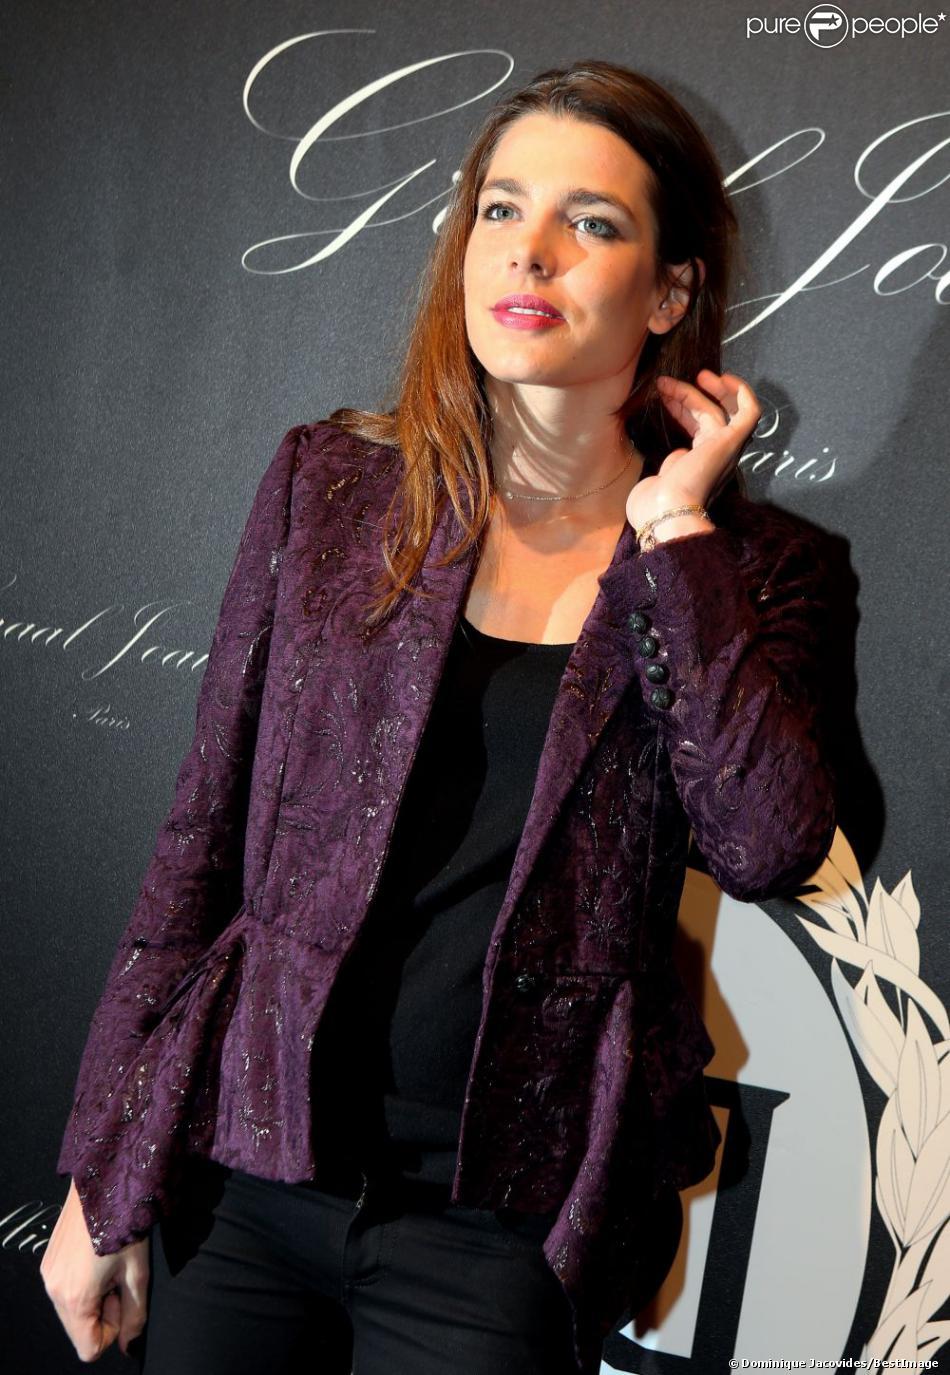 Charlotte Casiraghi lors de la soirée de gala de Graal Joaillier pour l'ouverture du 4e Gucci Masters, à Paris nord Villepinte, le 29 novembre 2012.